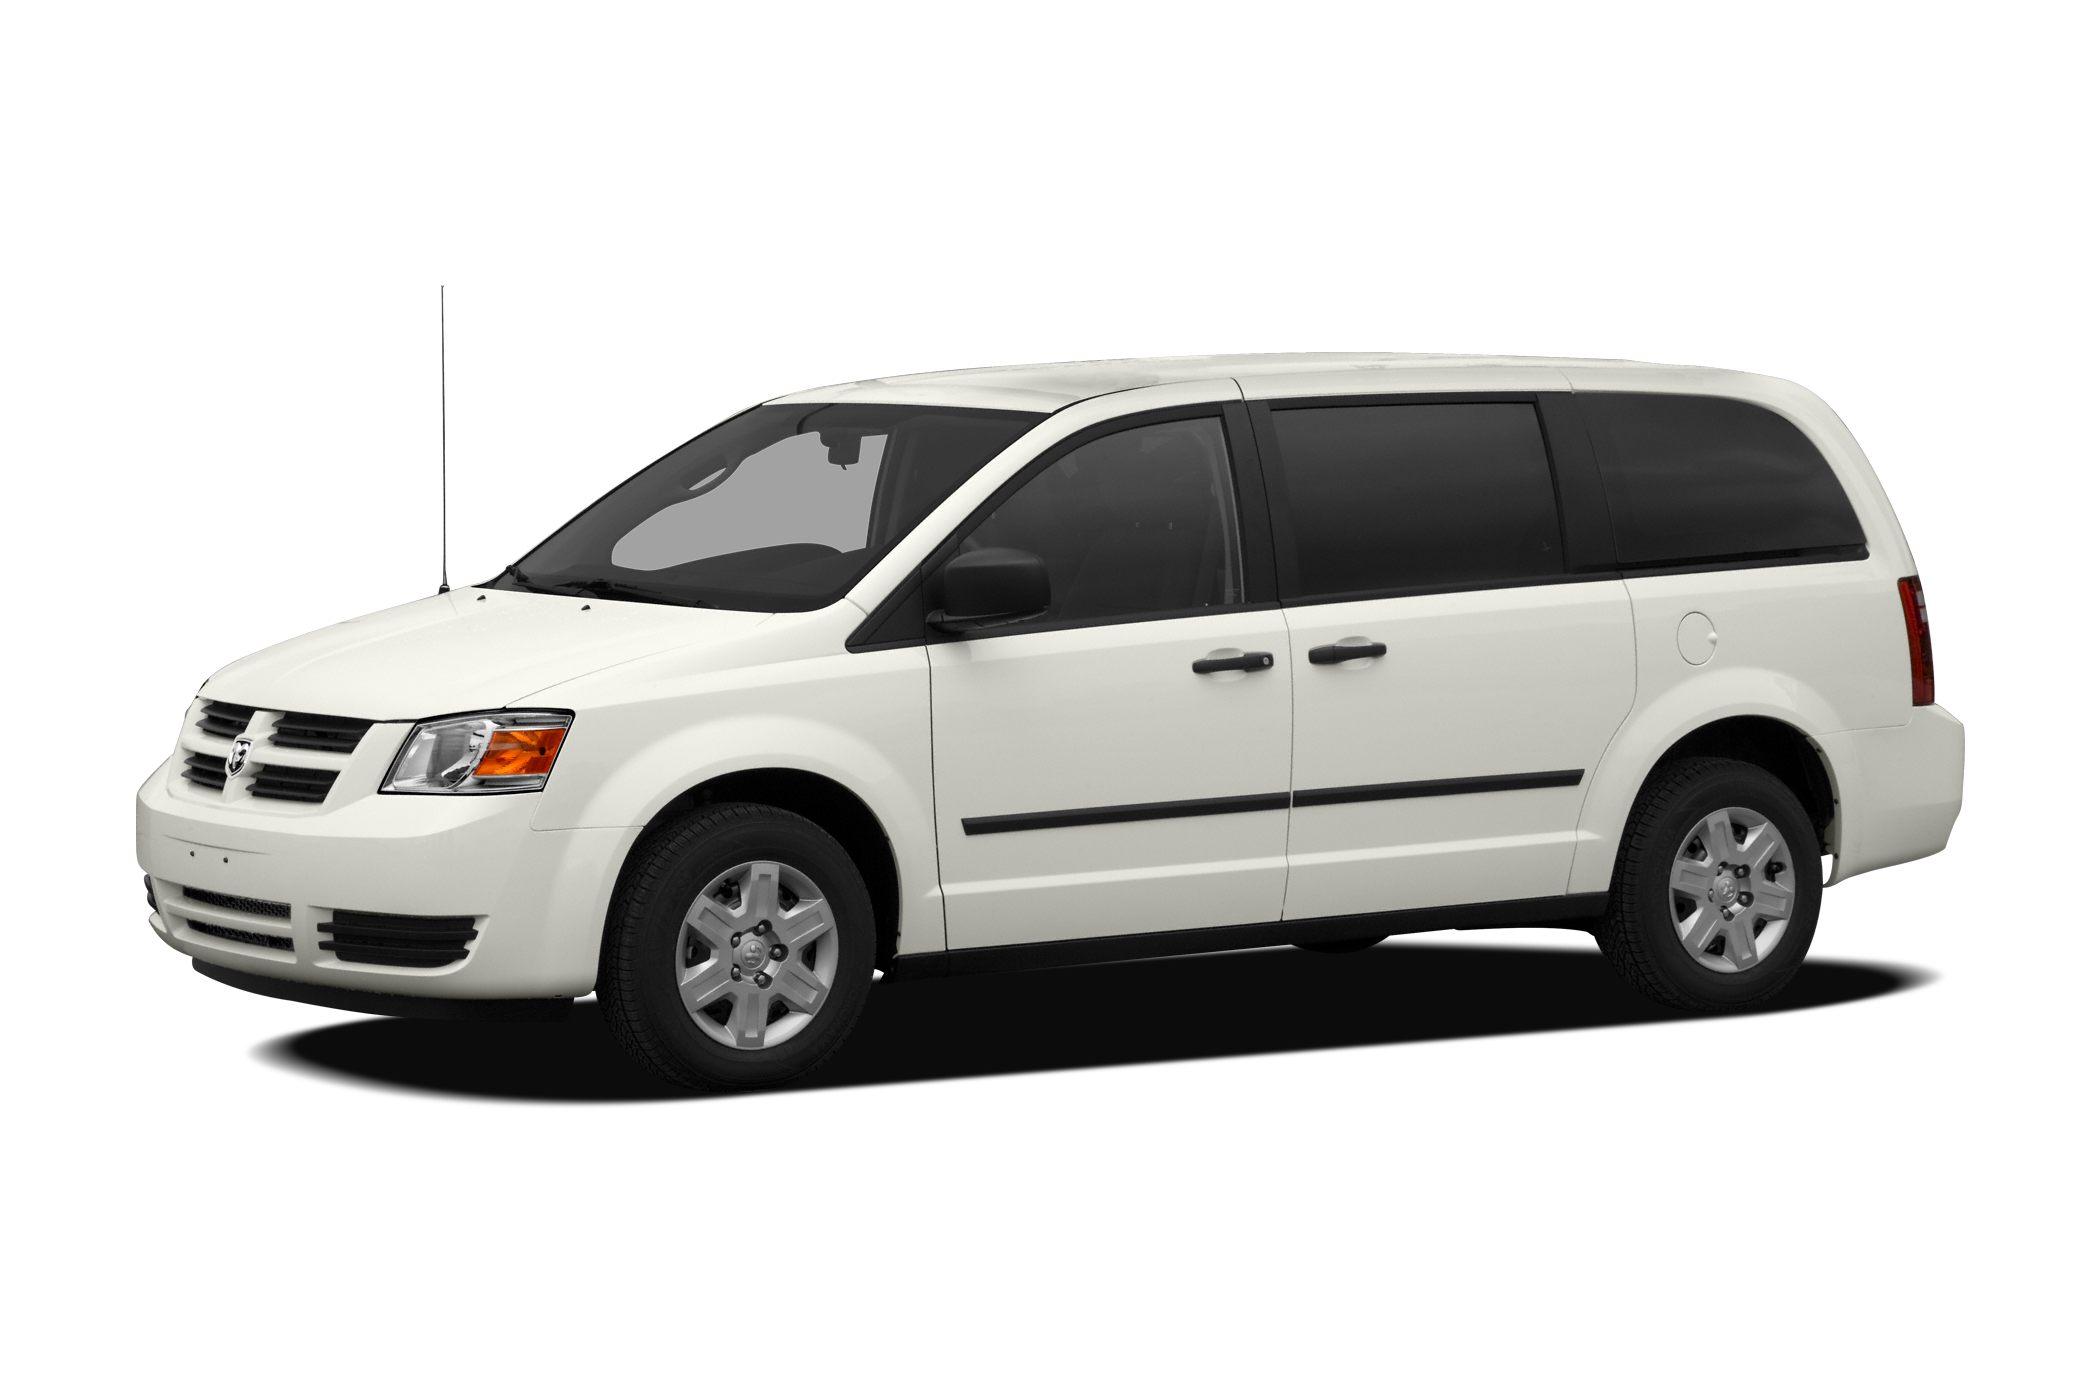 2009 Dodge Grand Caravan Cv Cargo Van Specs And Prices